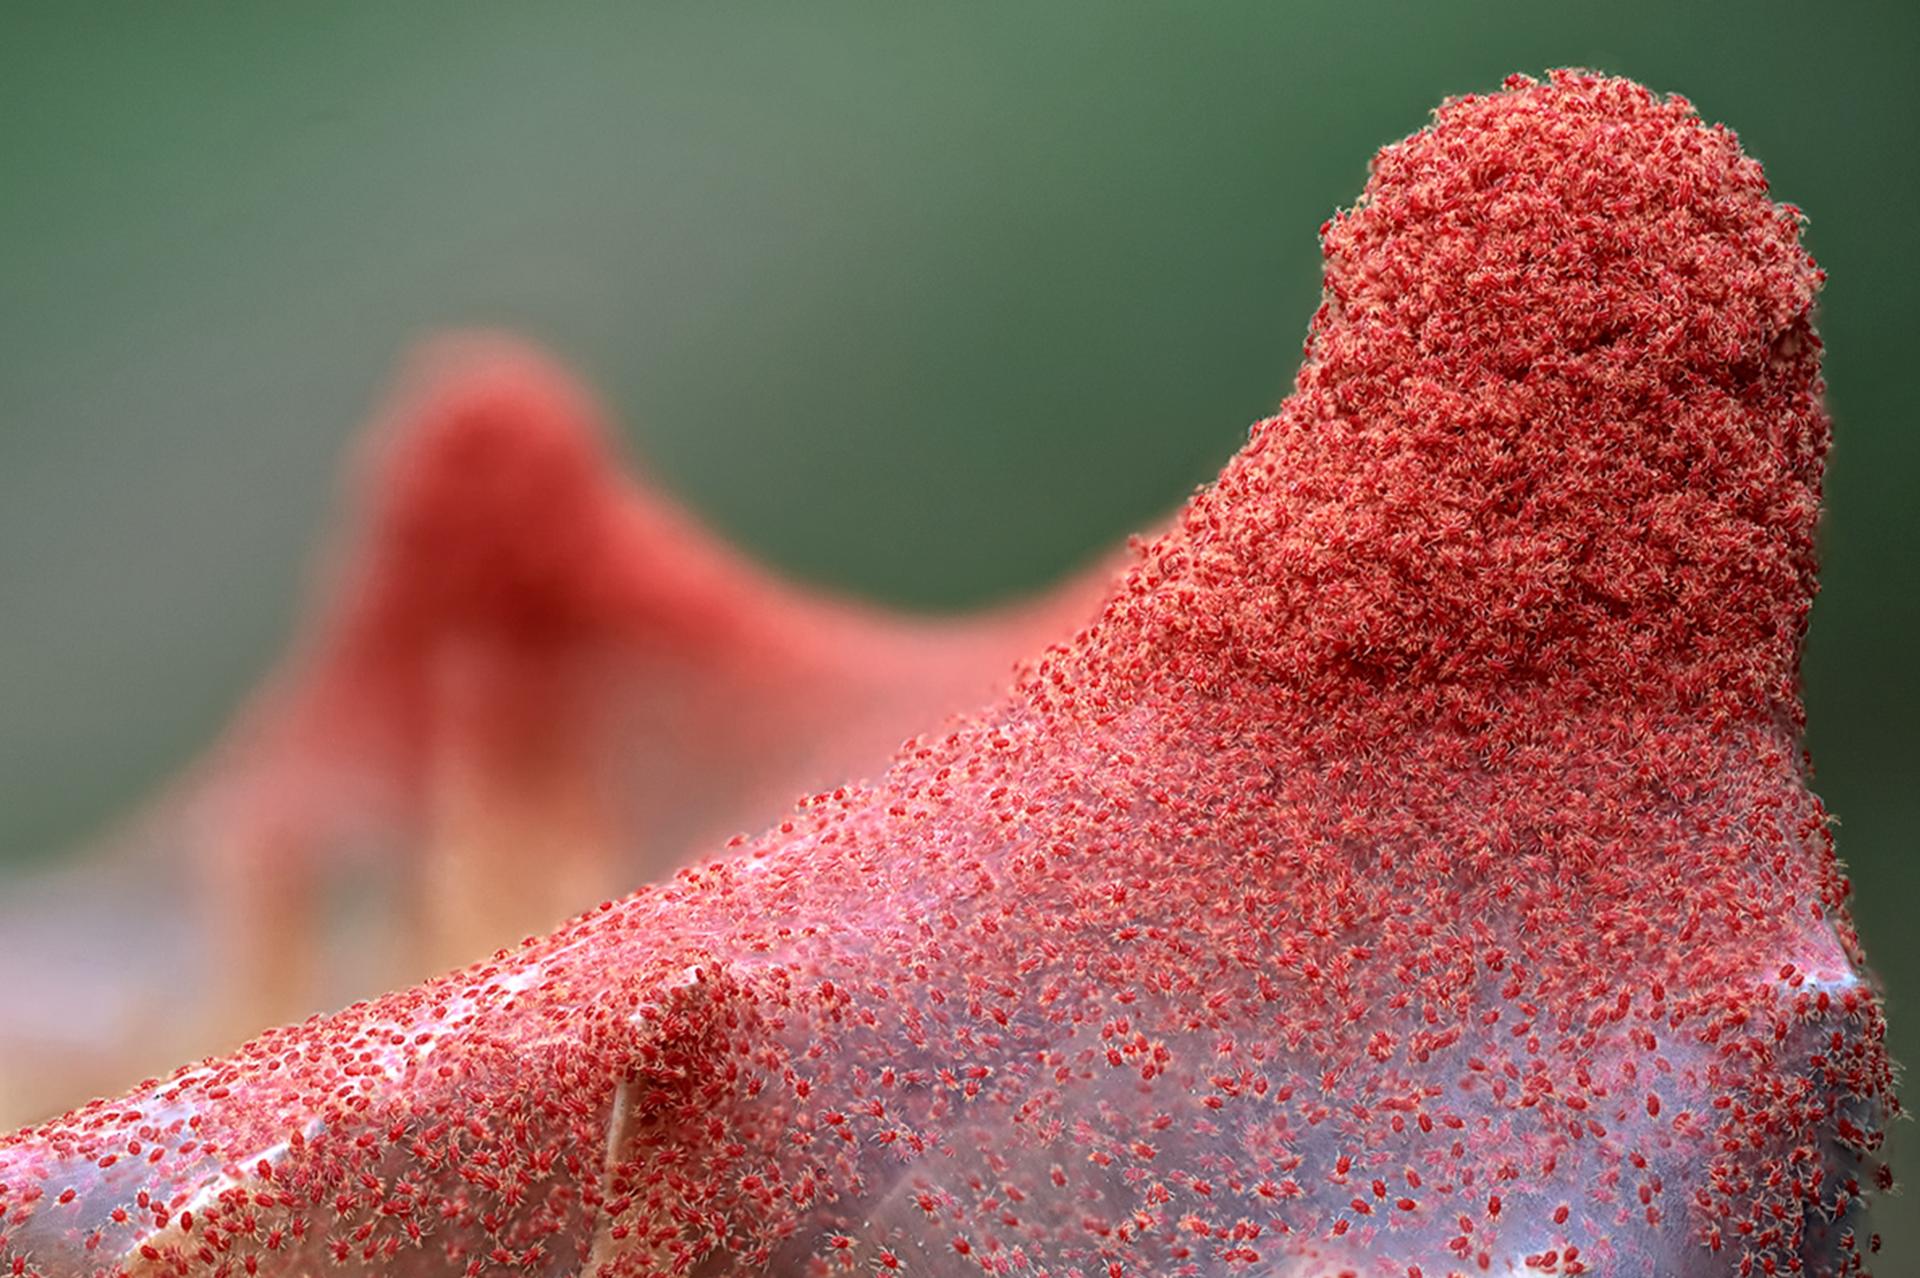 Plagas de Arañas Rojas